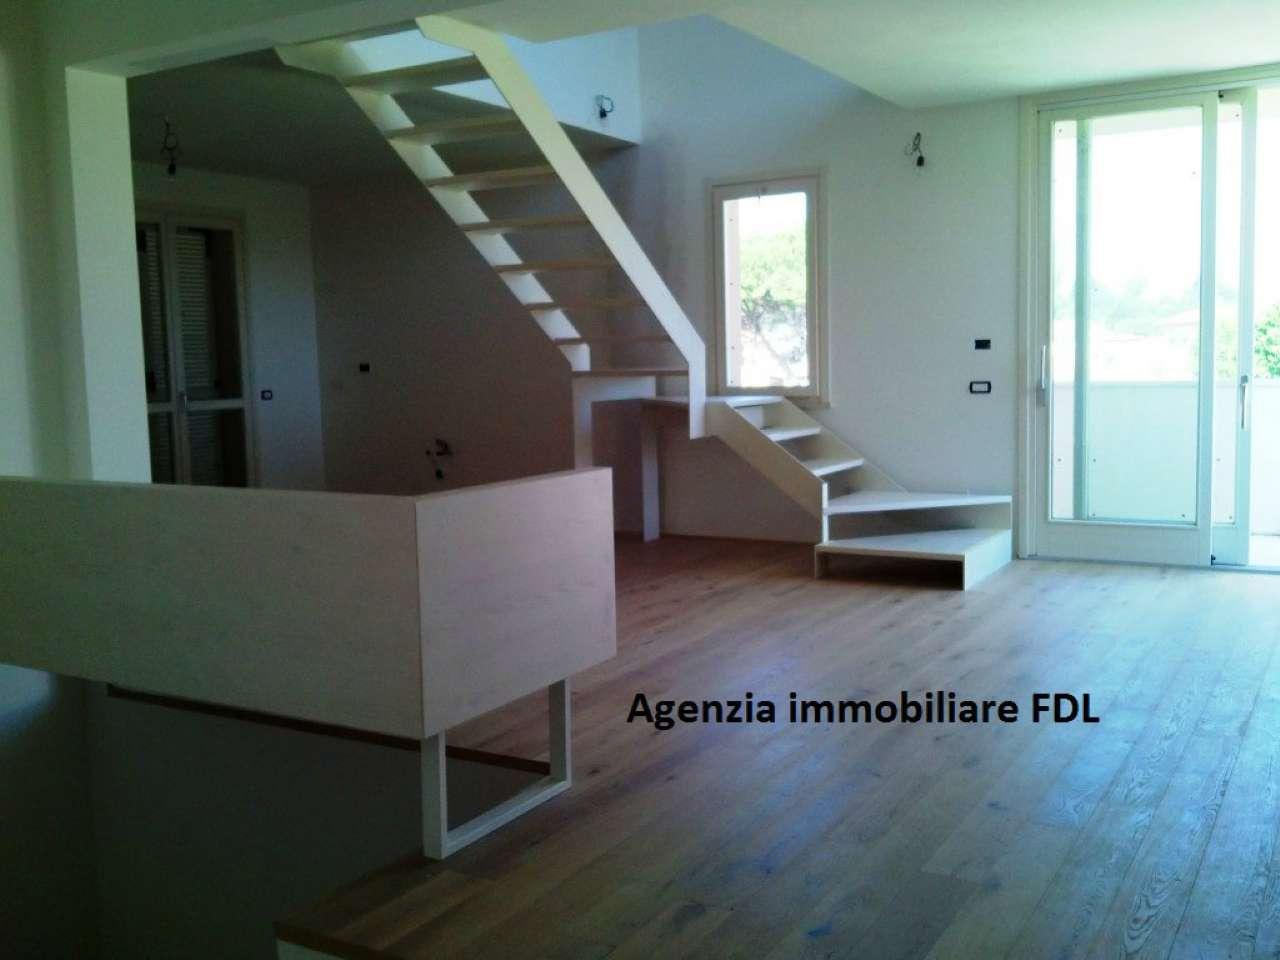 Attico / Mansarda in vendita a San Miniato, 7 locali, Trattative riservate | CambioCasa.it